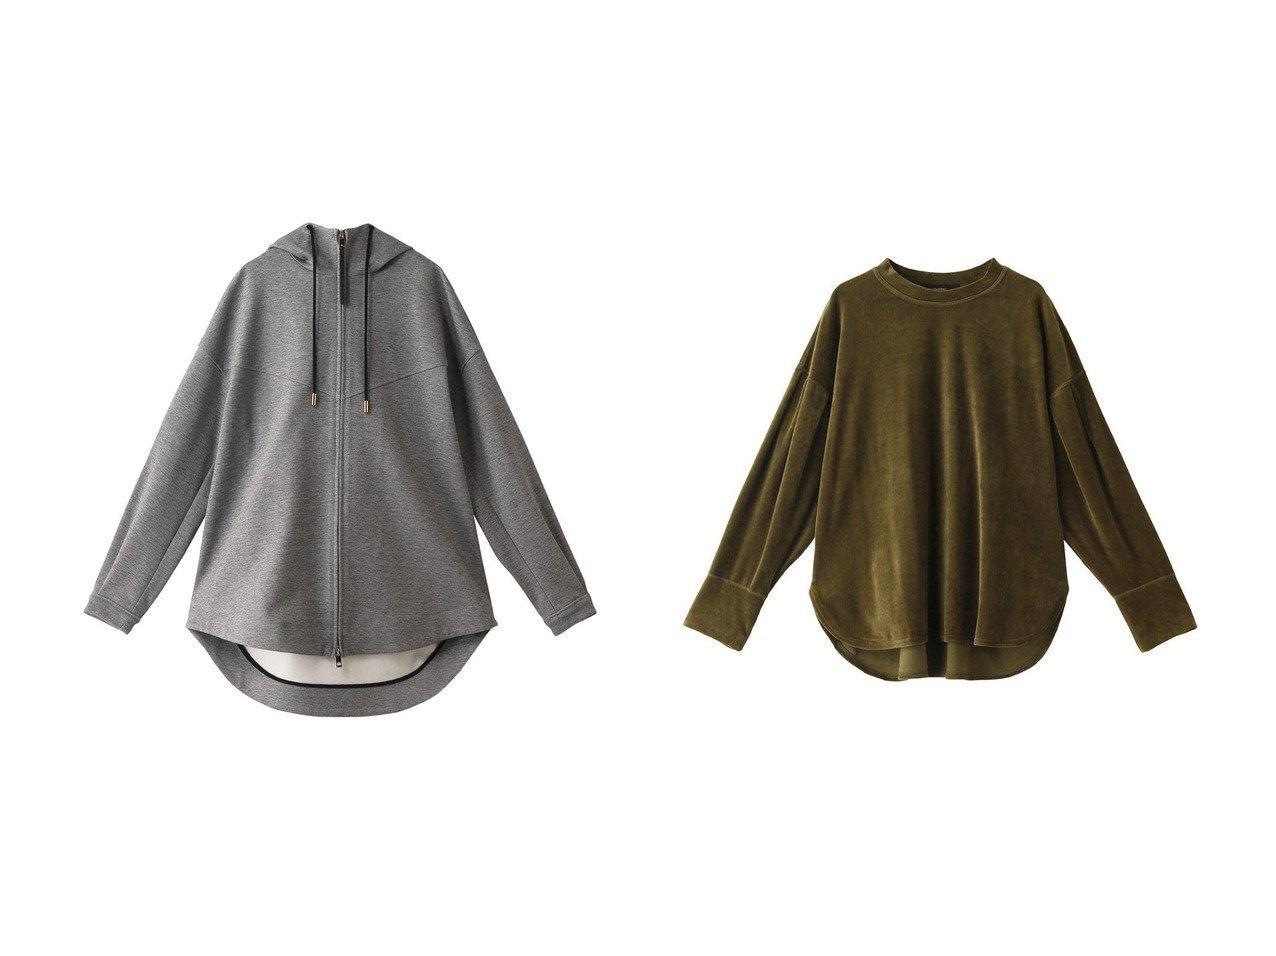 【THE RERACS/ザ リラクス】のVパネルフルジップフーディー&【FLORENT/フローレント】のCOTTONベロアプルオーバー トップス・カットソーのおすすめ!人気、レディースファッションの通販 おすすめで人気のファッション通販商品 インテリア・家具・キッズファッション・メンズファッション・レディースファッション・服の通販 founy(ファニー) https://founy.com/ ファッション Fashion レディース WOMEN トップス Tops Tshirt シャツ/ブラウス Shirts Blouses パーカ Sweats スウェット Sweat カットソー Cut and Sewn プルオーバー Pullover ベロア Velour スタイリッシュ ロング 羽織 ショルダー スリーブ デニム ドロップ フェミニン フレア ベロア ミックス |ID:crp329100000000764